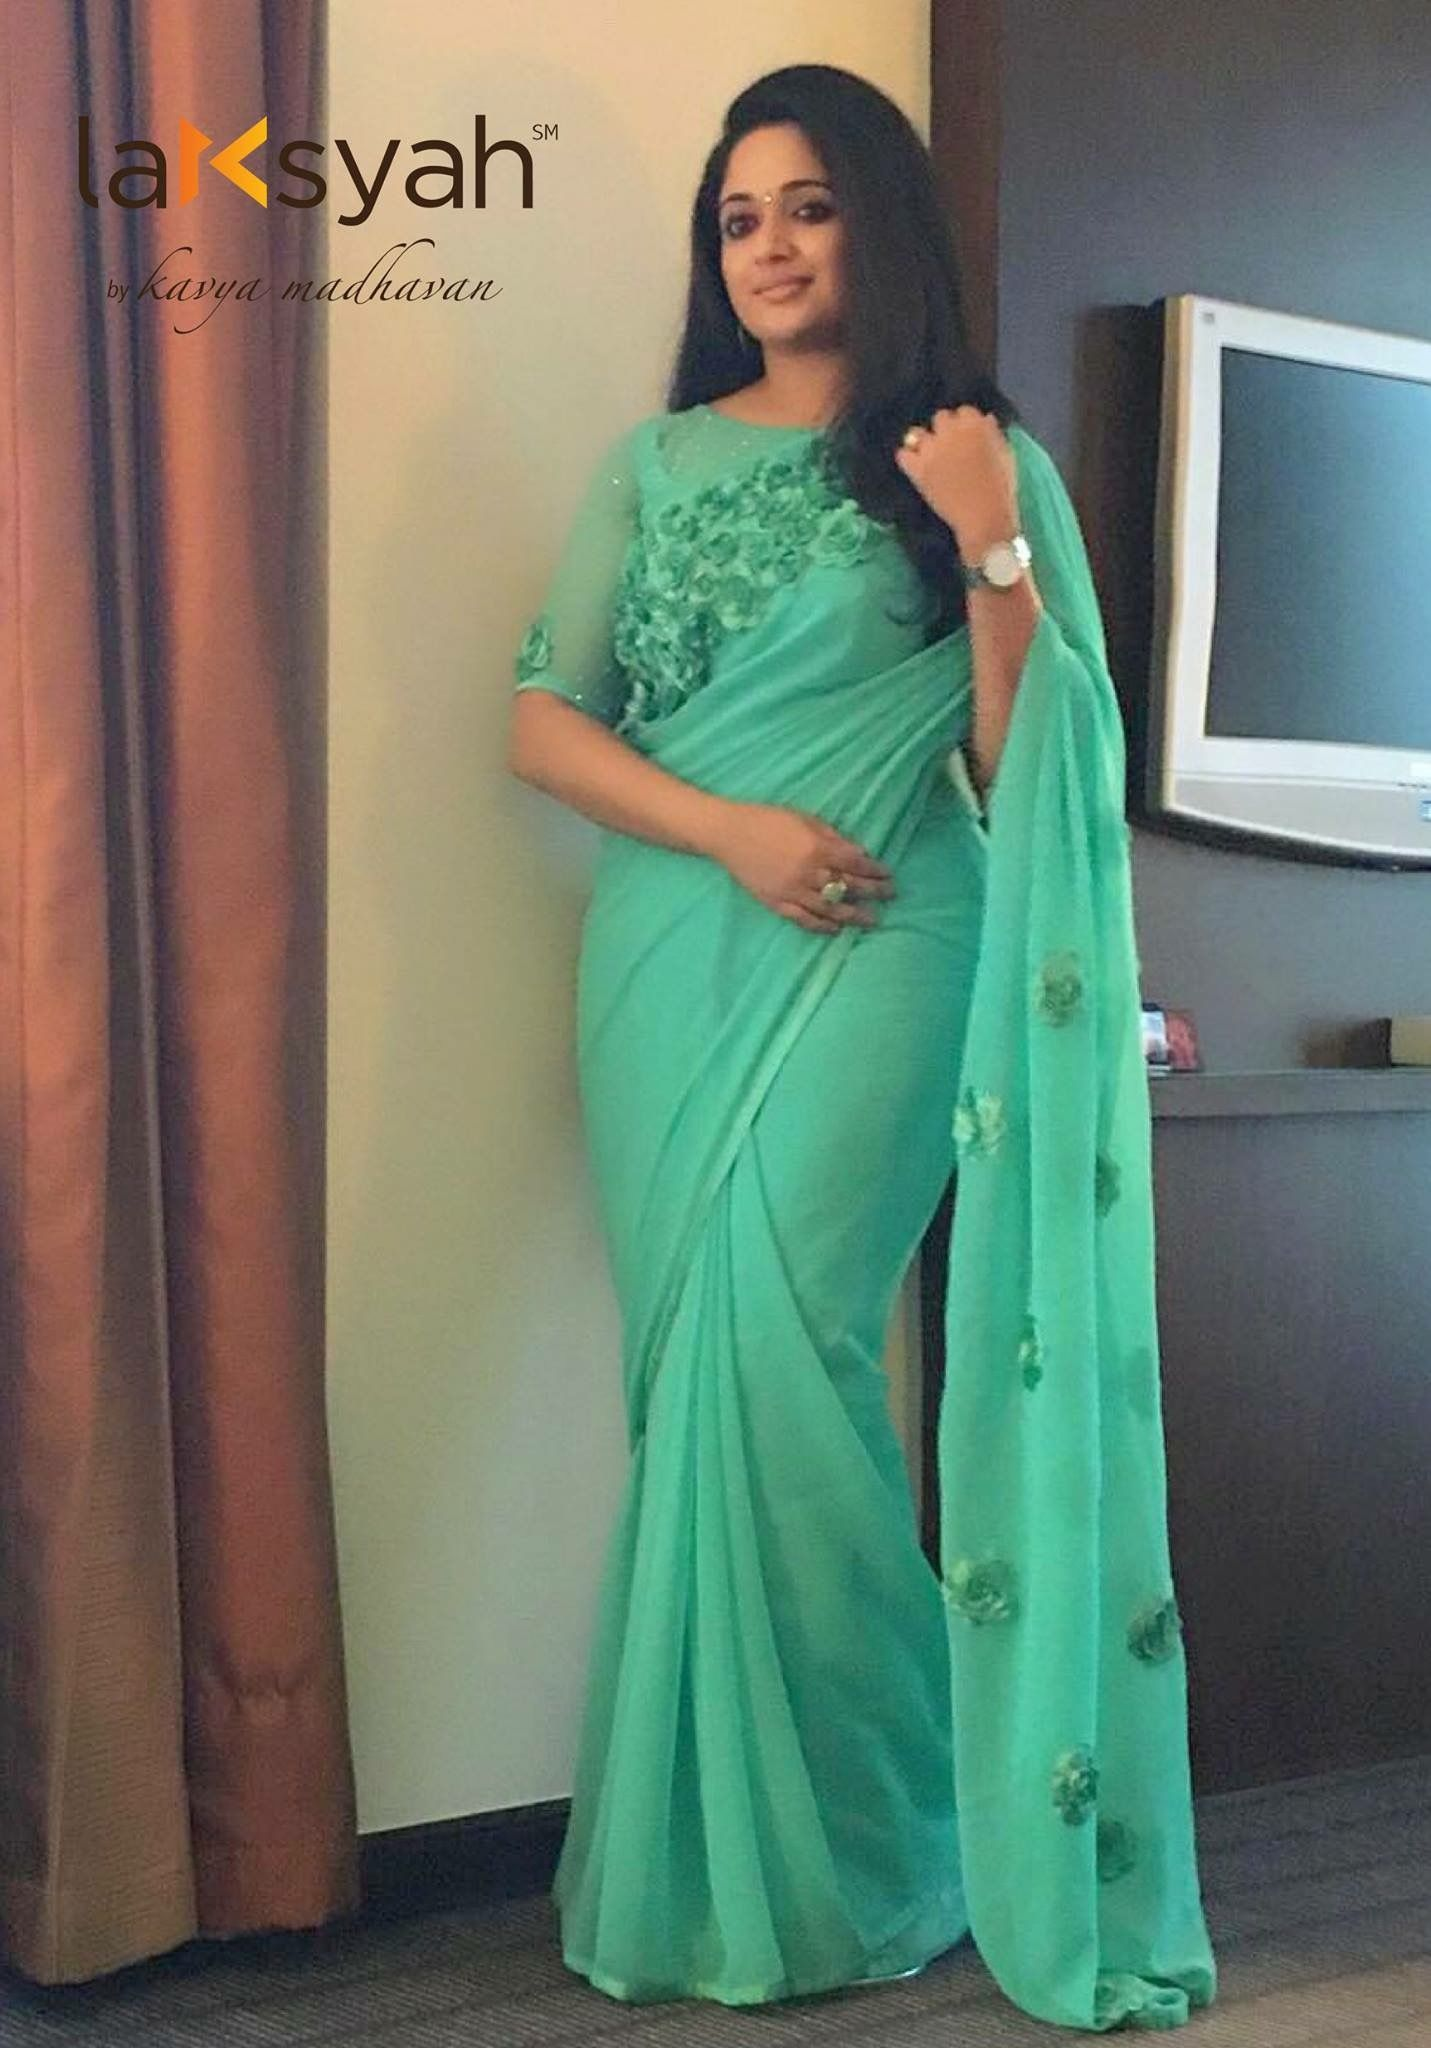 824437b7397ee Understated elegance Kavya Madhavan Saree